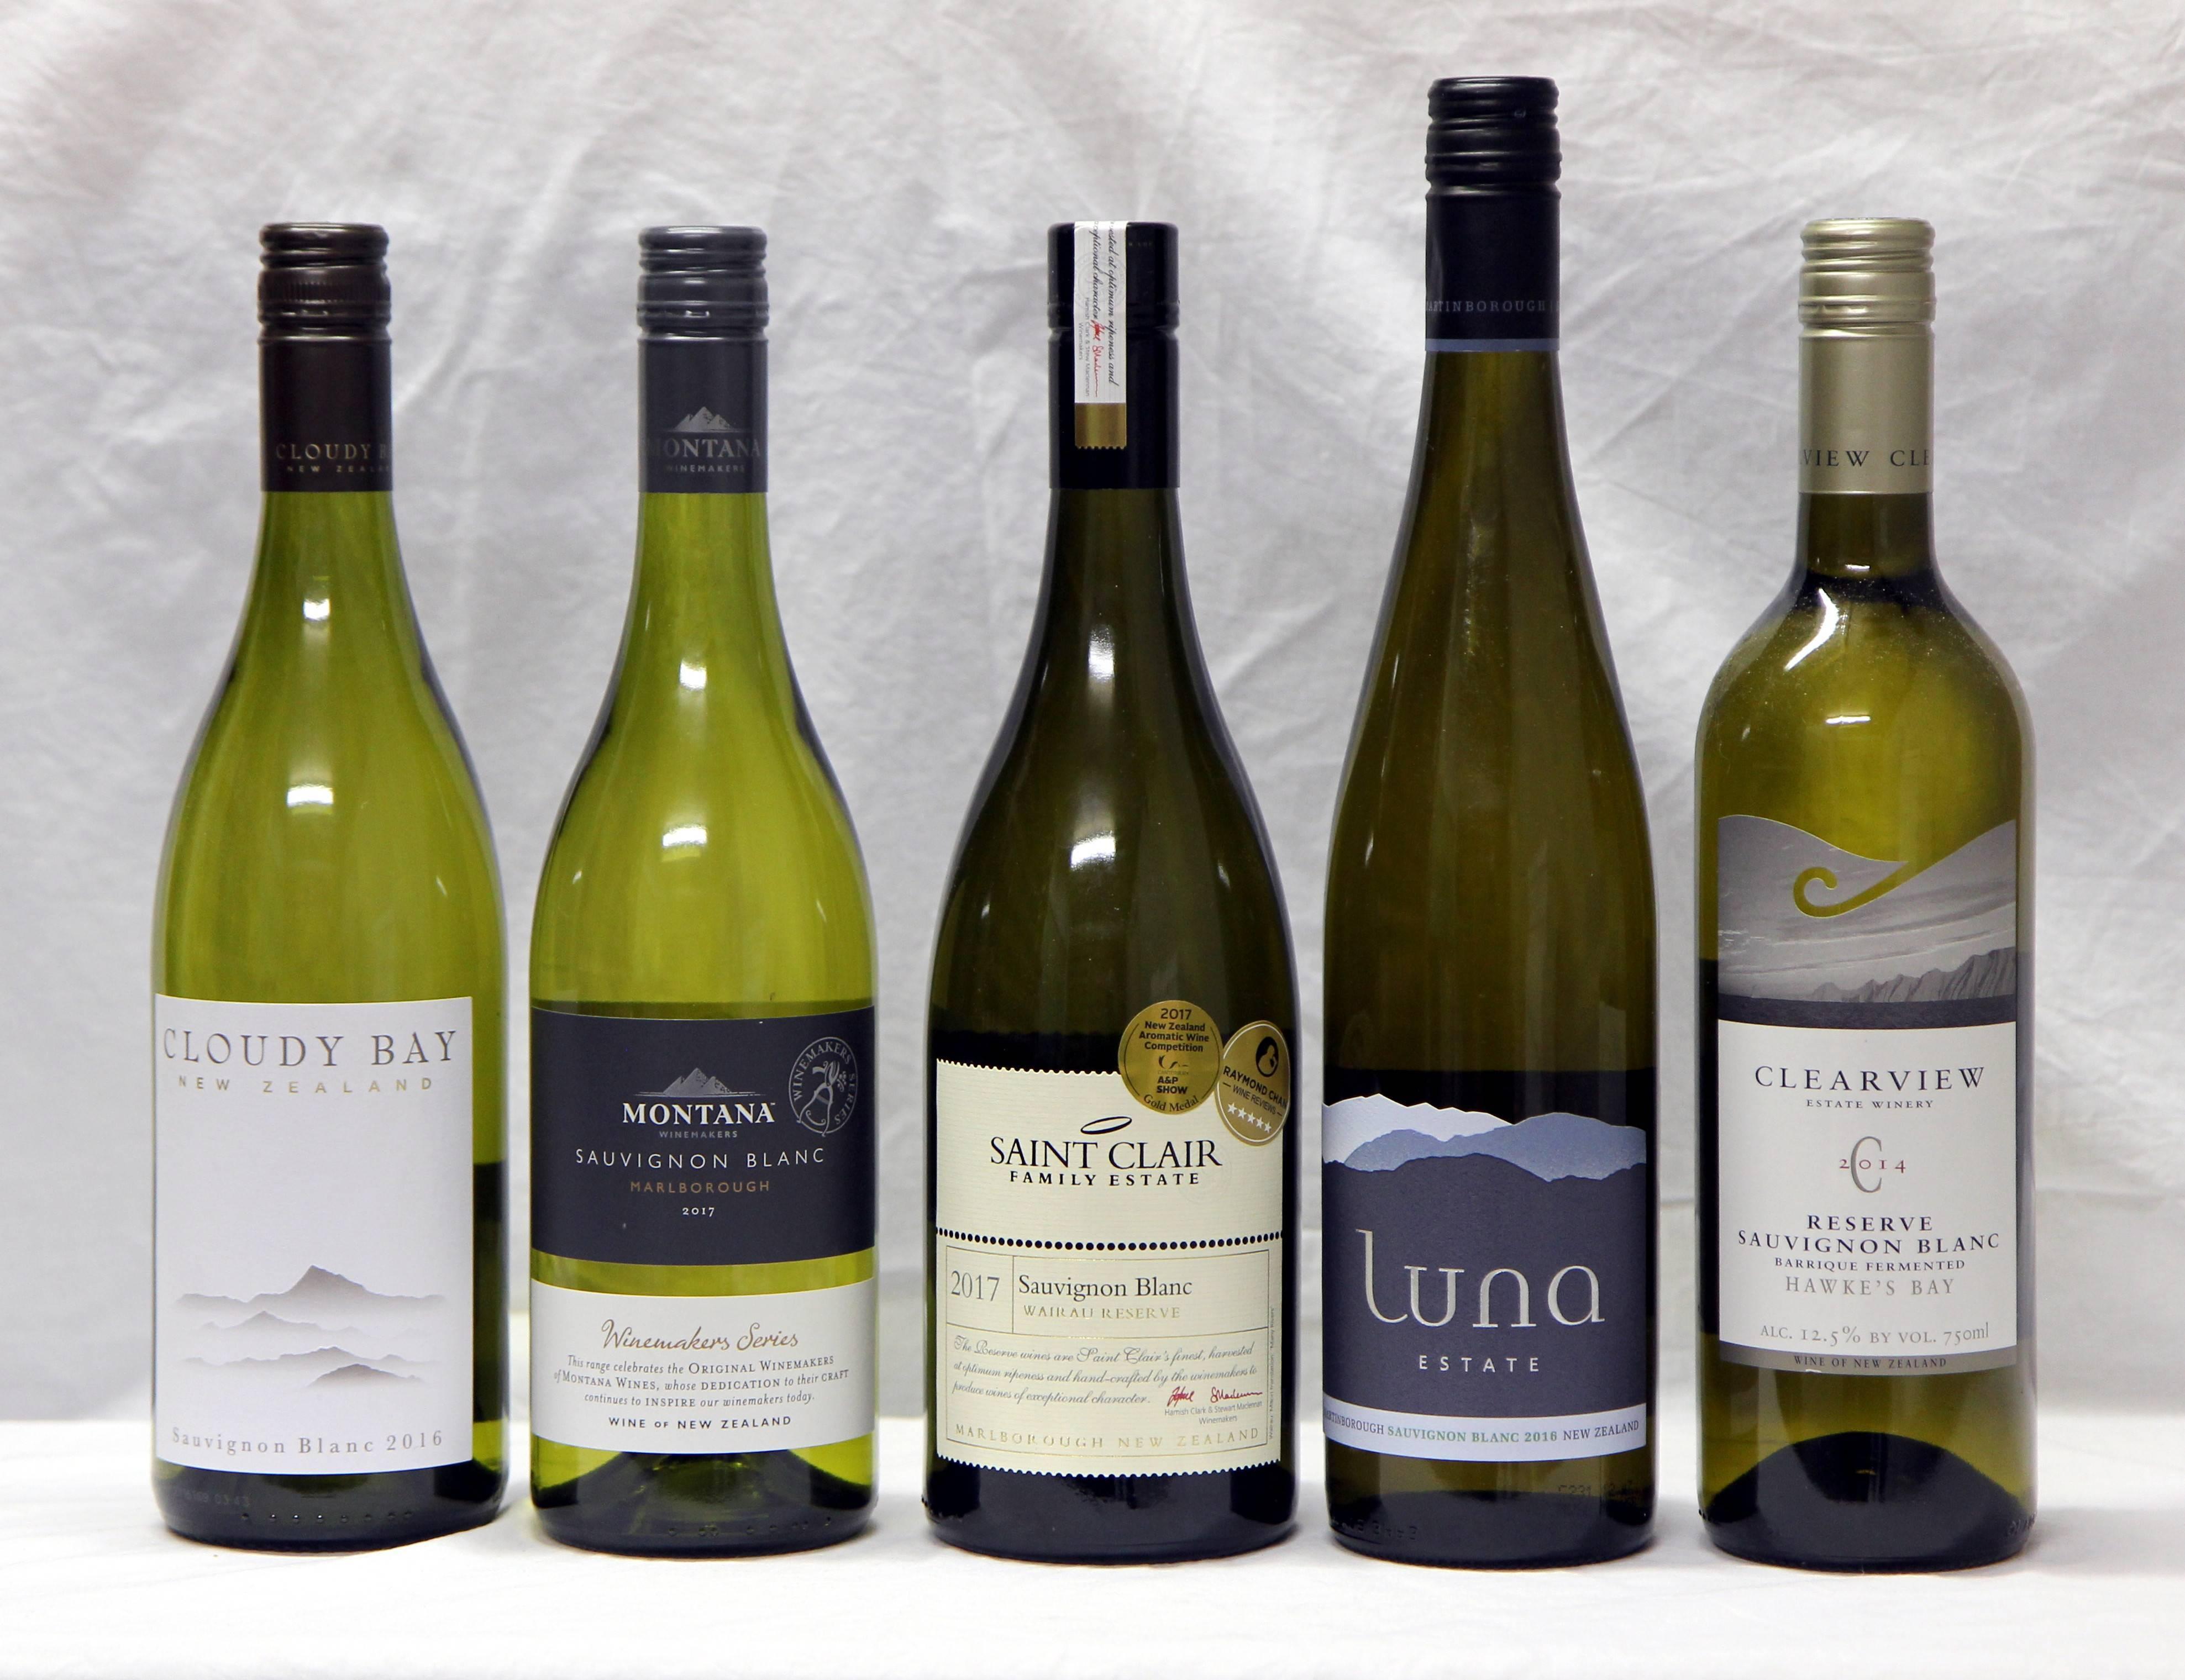 10 лучших винодельческих предприятий в новой зеландии - ? миролюбивый - 2020